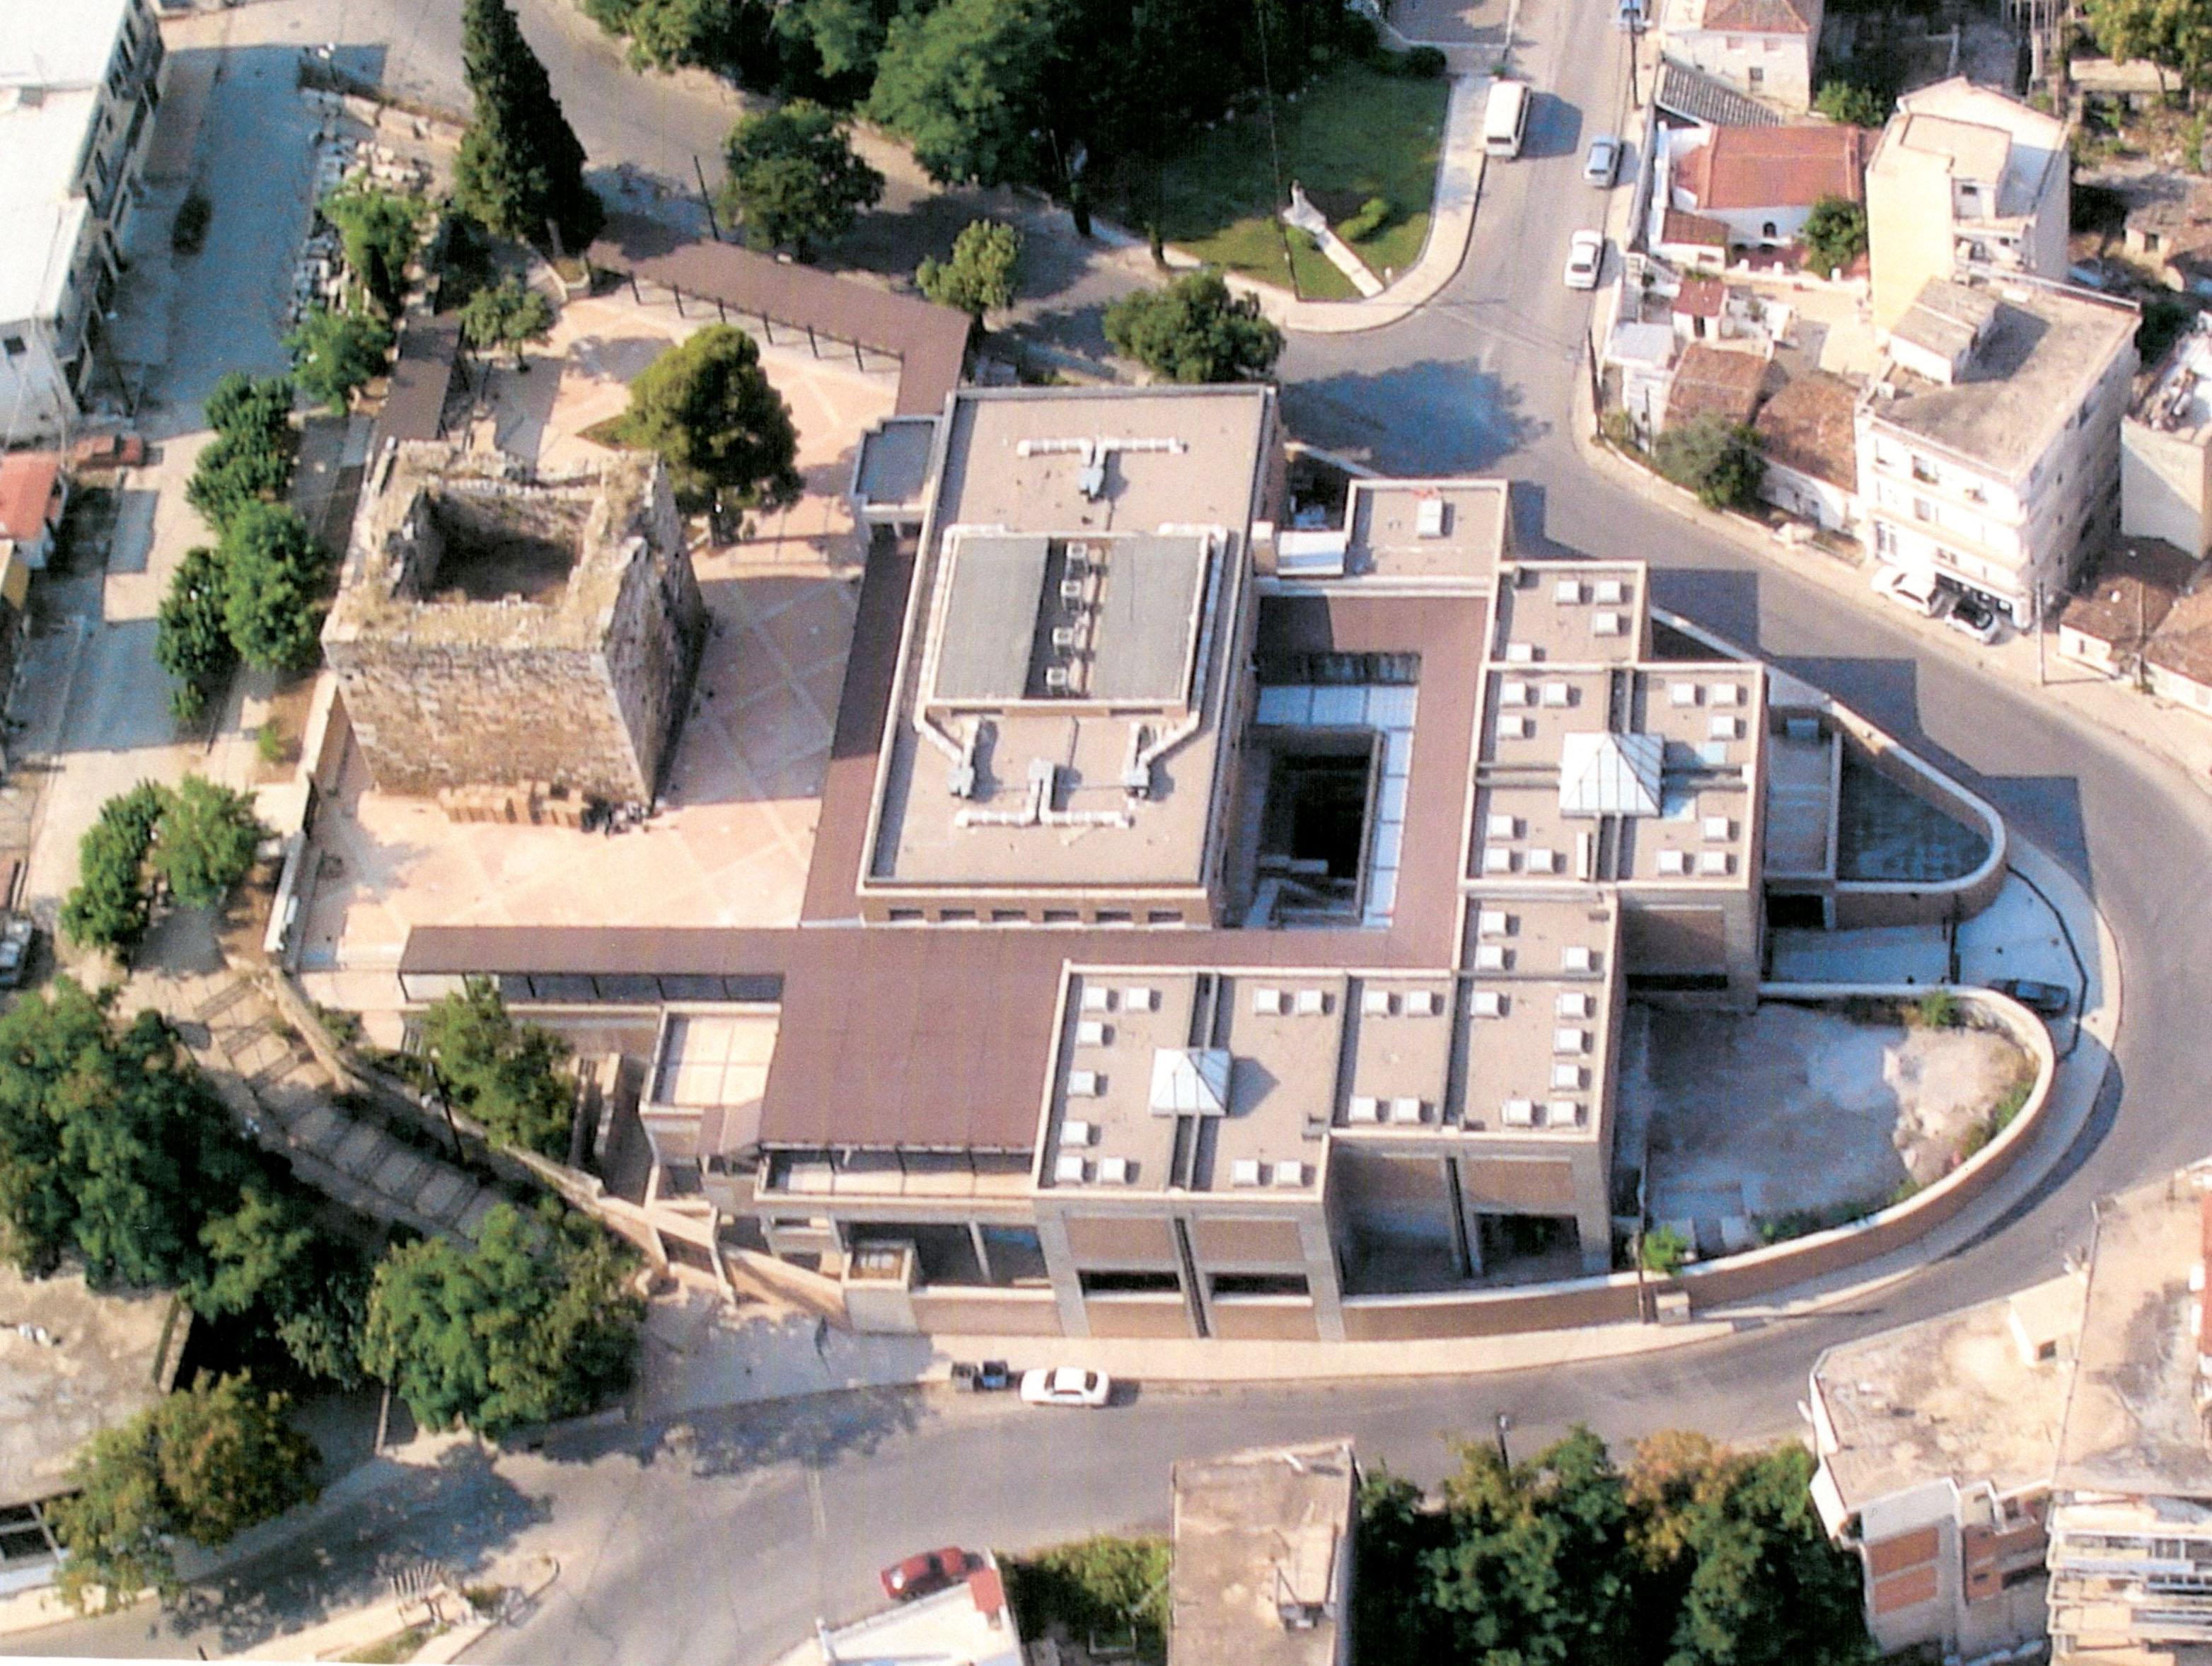 fe09651dd3 Το Αρχαιολογικό Μουσείο Θηβών - Αρχαιολογία Online